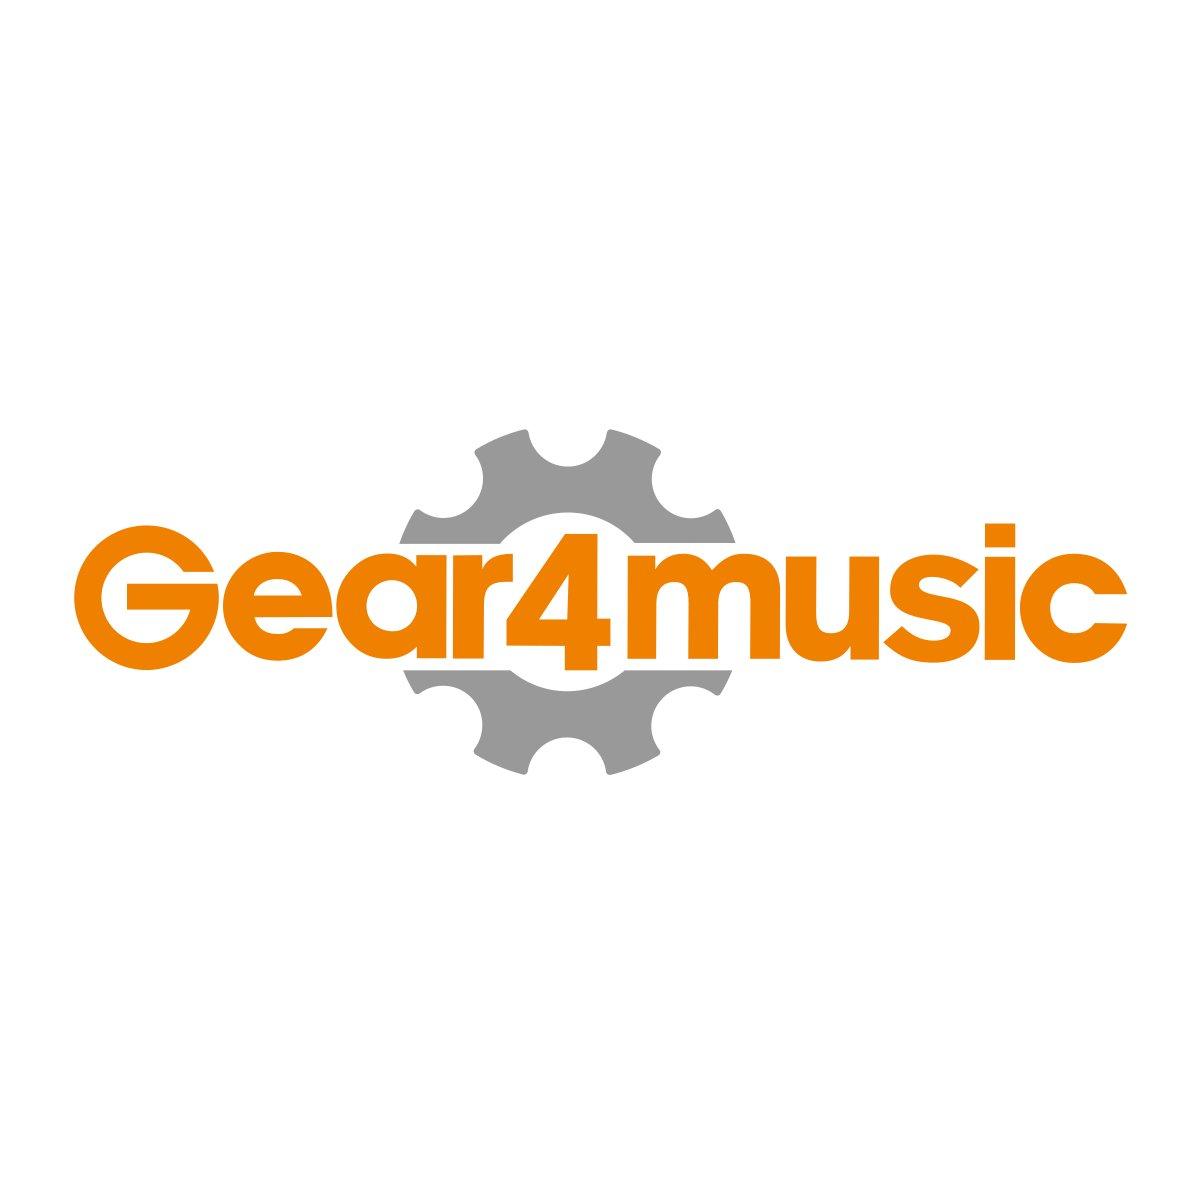 Soprán saxofón od Gear4music